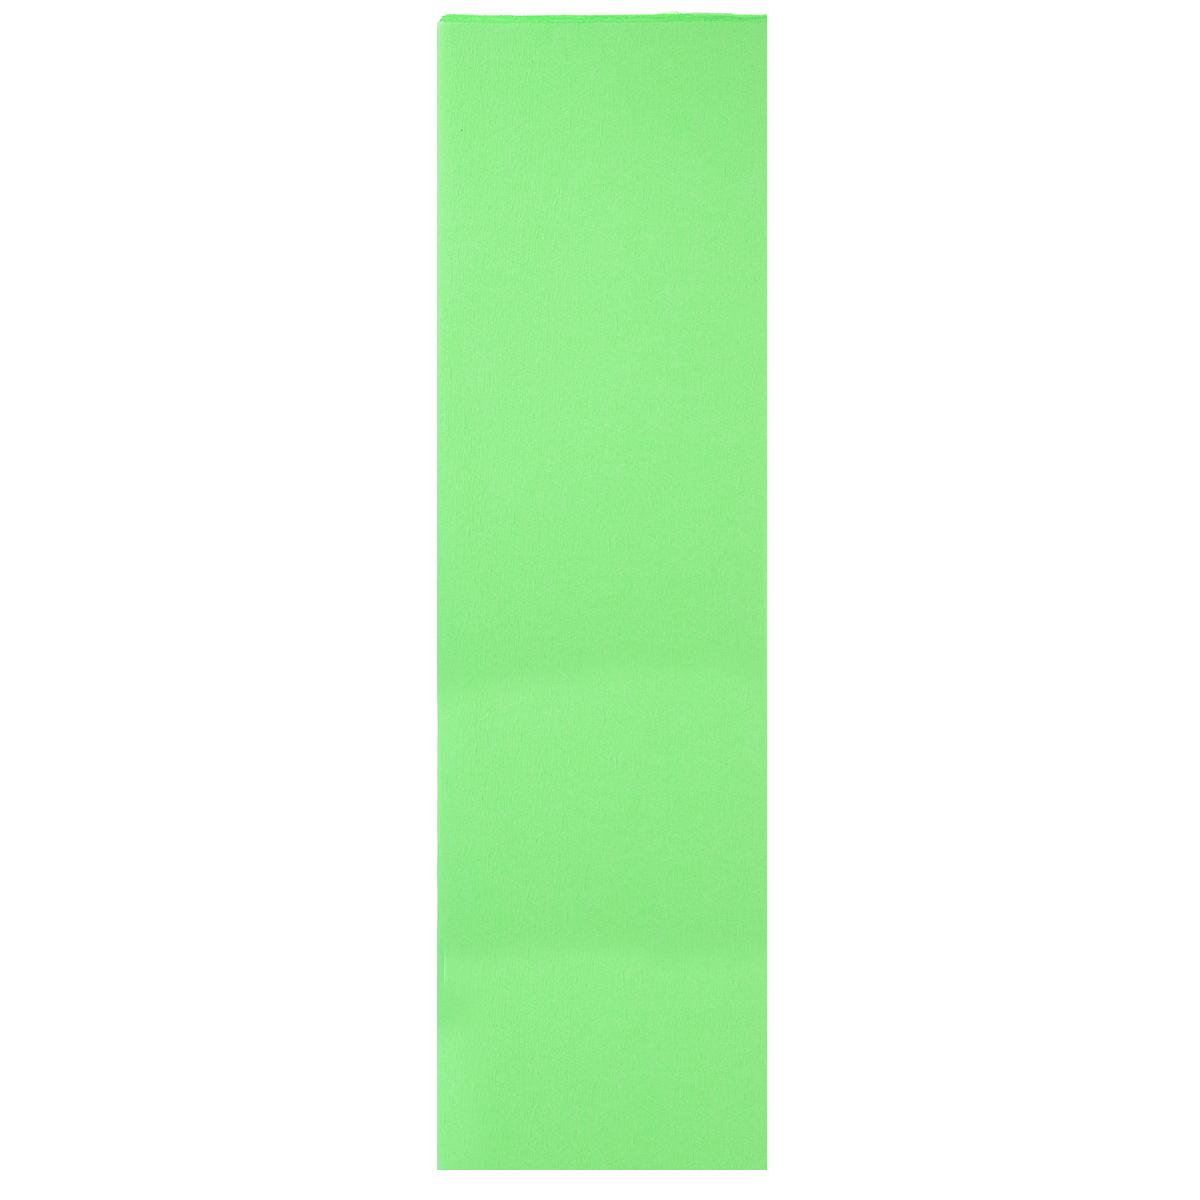 Бумага крепированная Проф-Пресс, флюоресцентная, цвет: салатовый, 50 х 250 смБ-2308Крепированная флюоресцентная бумага Проф-Пресс - отличный вариант для воплощения творческих идей не только детей, но и взрослых. Она отлично подойдет для упаковки хрупких изделий, при оформлении букетов, создании сложных цветовых композиций, для декорирования и других оформительских работ. Бумага обладает повышенной прочностью и жесткостью, хорошо растягивается, имеет жатую поверхность.Кроме того, флюоресцентная бумага Проф-Пресс поможет увлечь ребенка, развивая интерес к художественному творчеству, эстетический вкус и восприятие, увеличивая желание делать подарки своими руками, воспитывая самостоятельность и аккуратность в работе. Такая бумага поможет вашему ребенку раскрыть свои таланты.